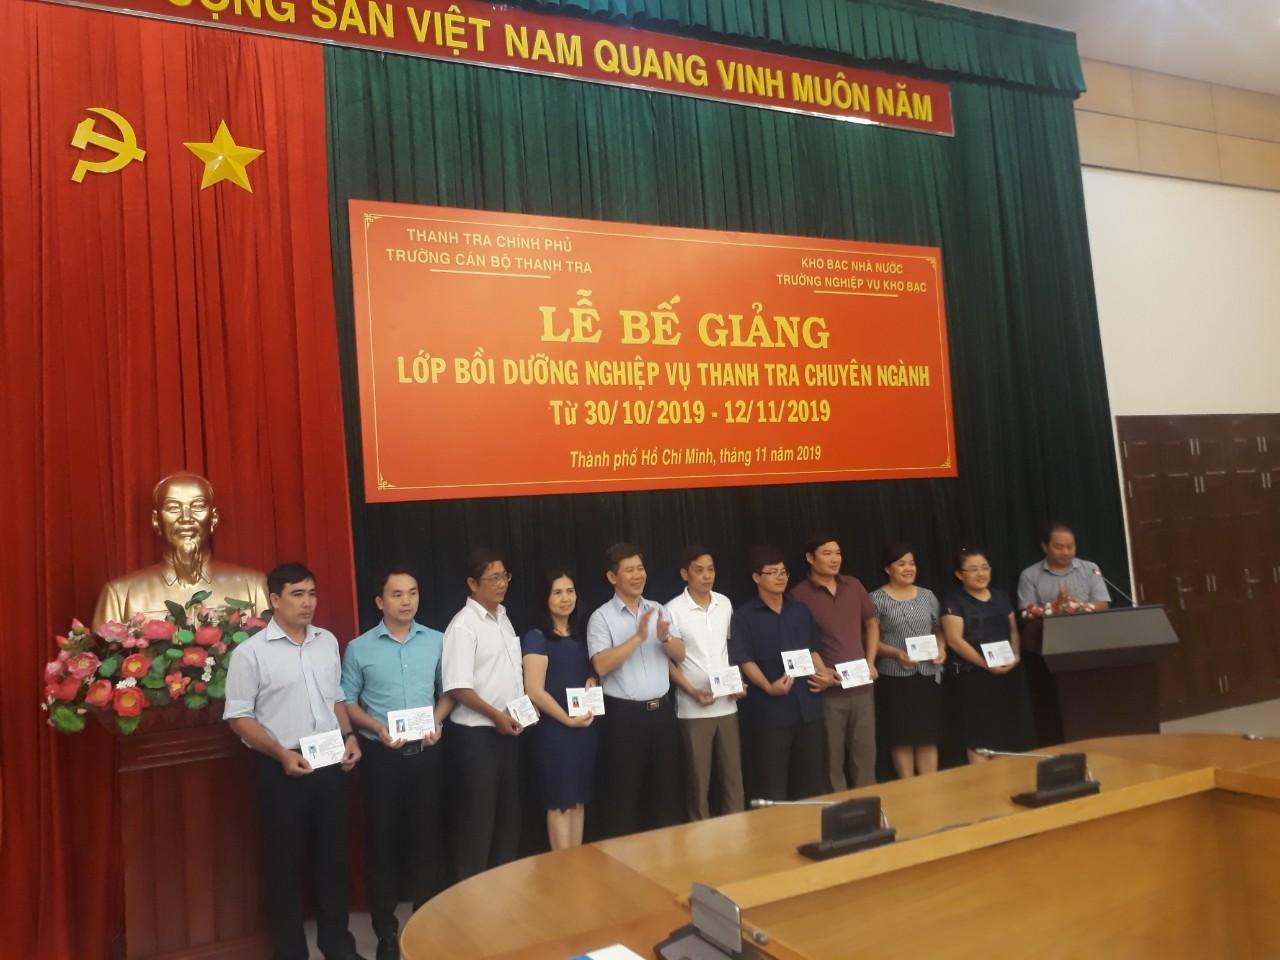 Ông Nguyễn Viết Thạch Phó Hiệu trưởng nhà trường trao chứng chỉ chi học viên